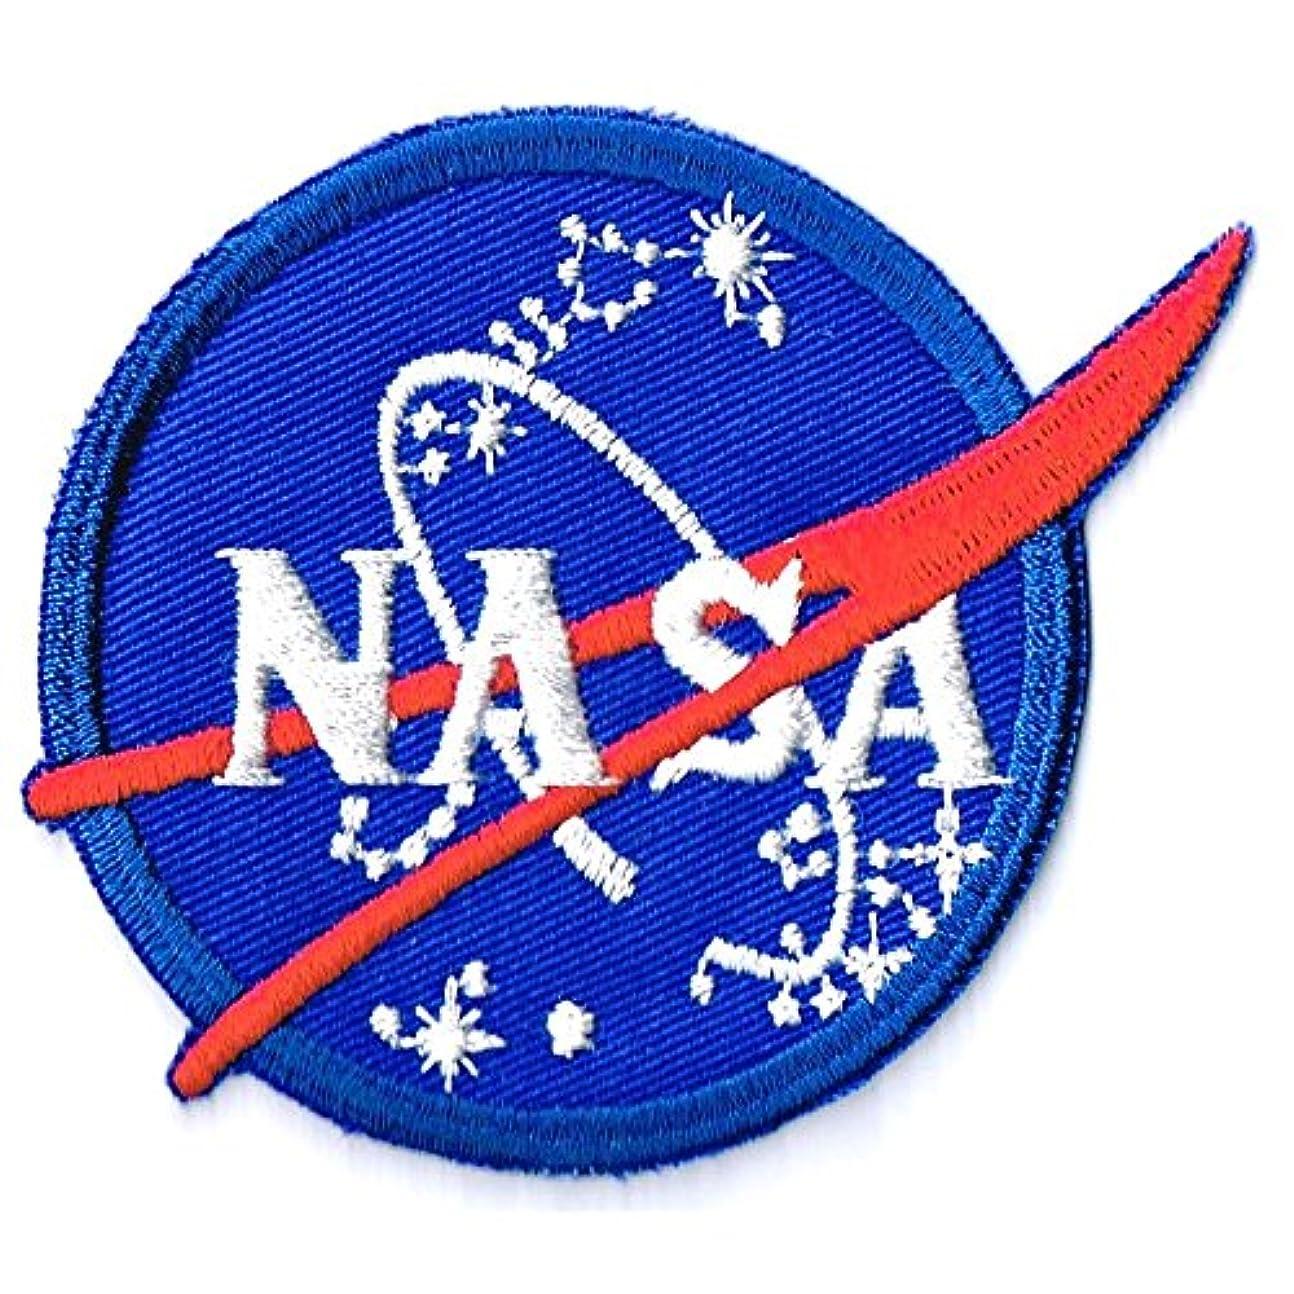 アナニバーびっくりするアシストエンブレムワッペン NASA